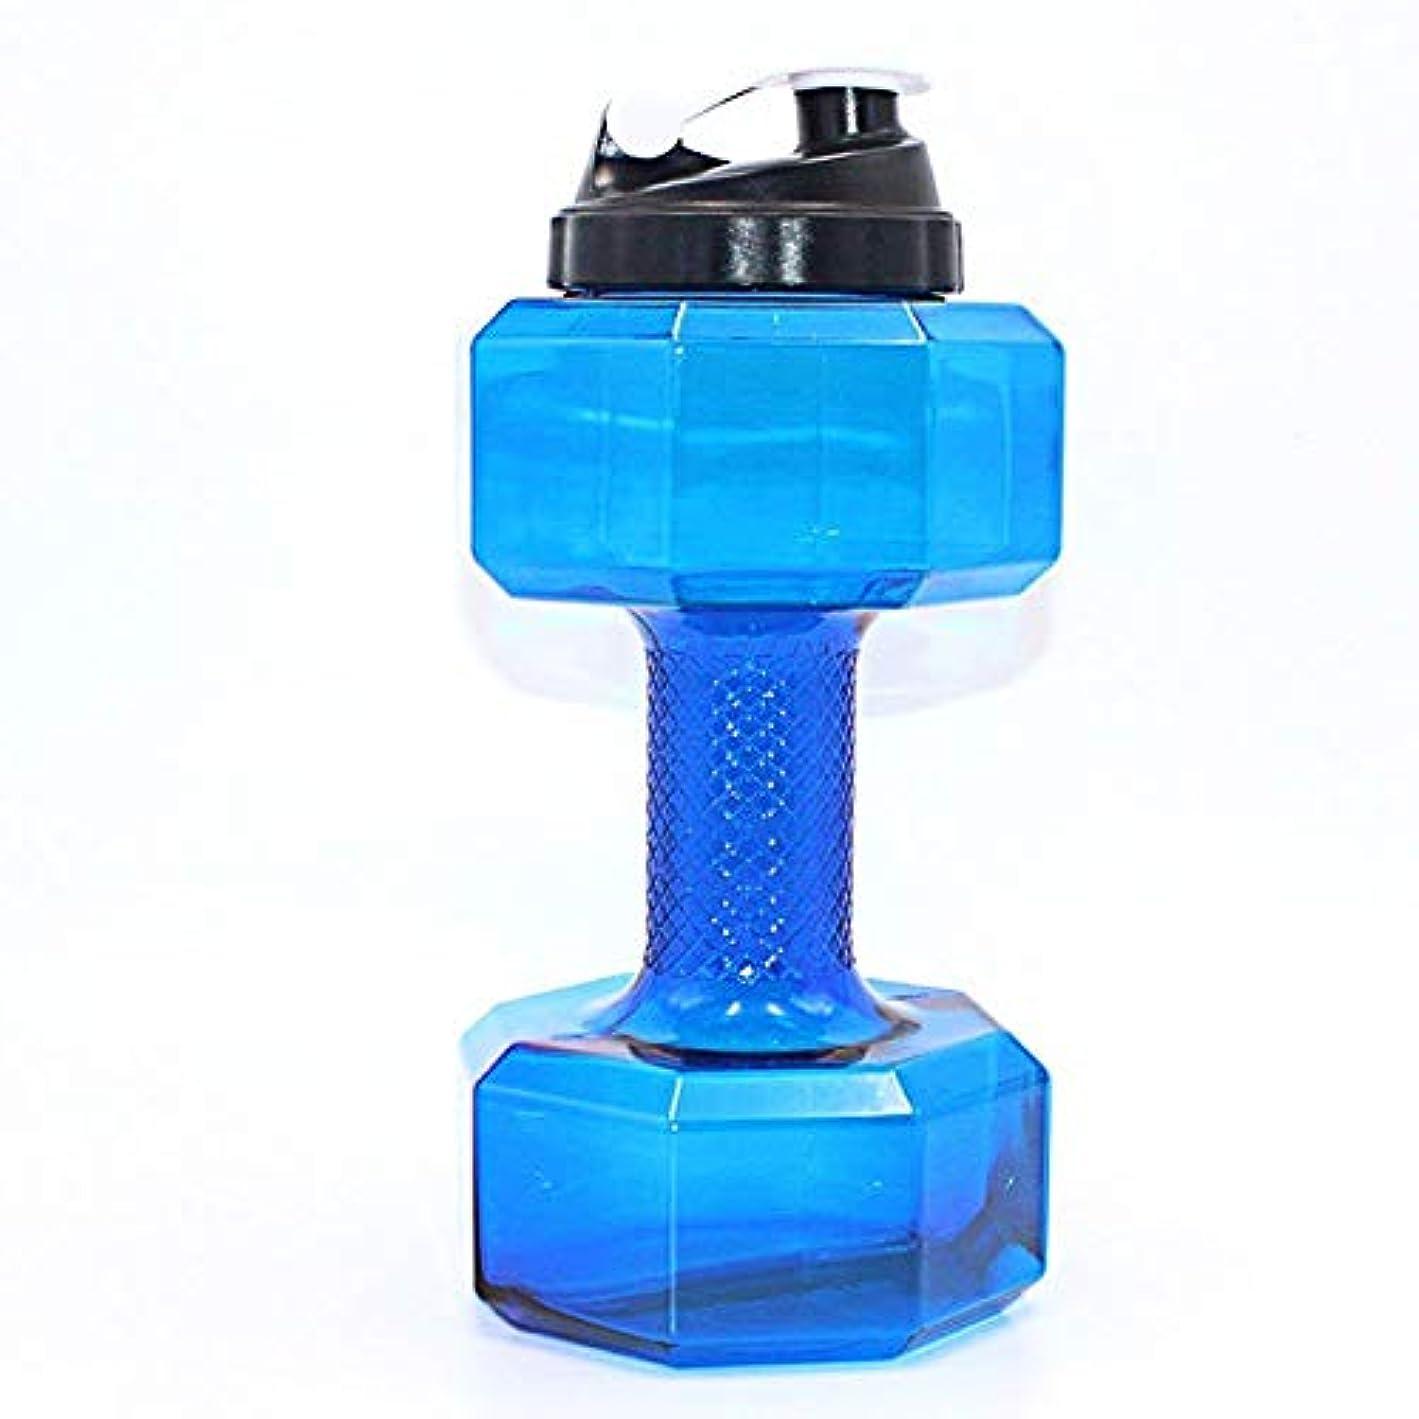 タービン契約賞賛TOOGOO 75オンス(2.2 L)ダンベル型ウォーターボトル| ジュエリー収納ボックス/ 大容量| BPAフリー| フリップトップリークプルーフフタ|(ブルー)